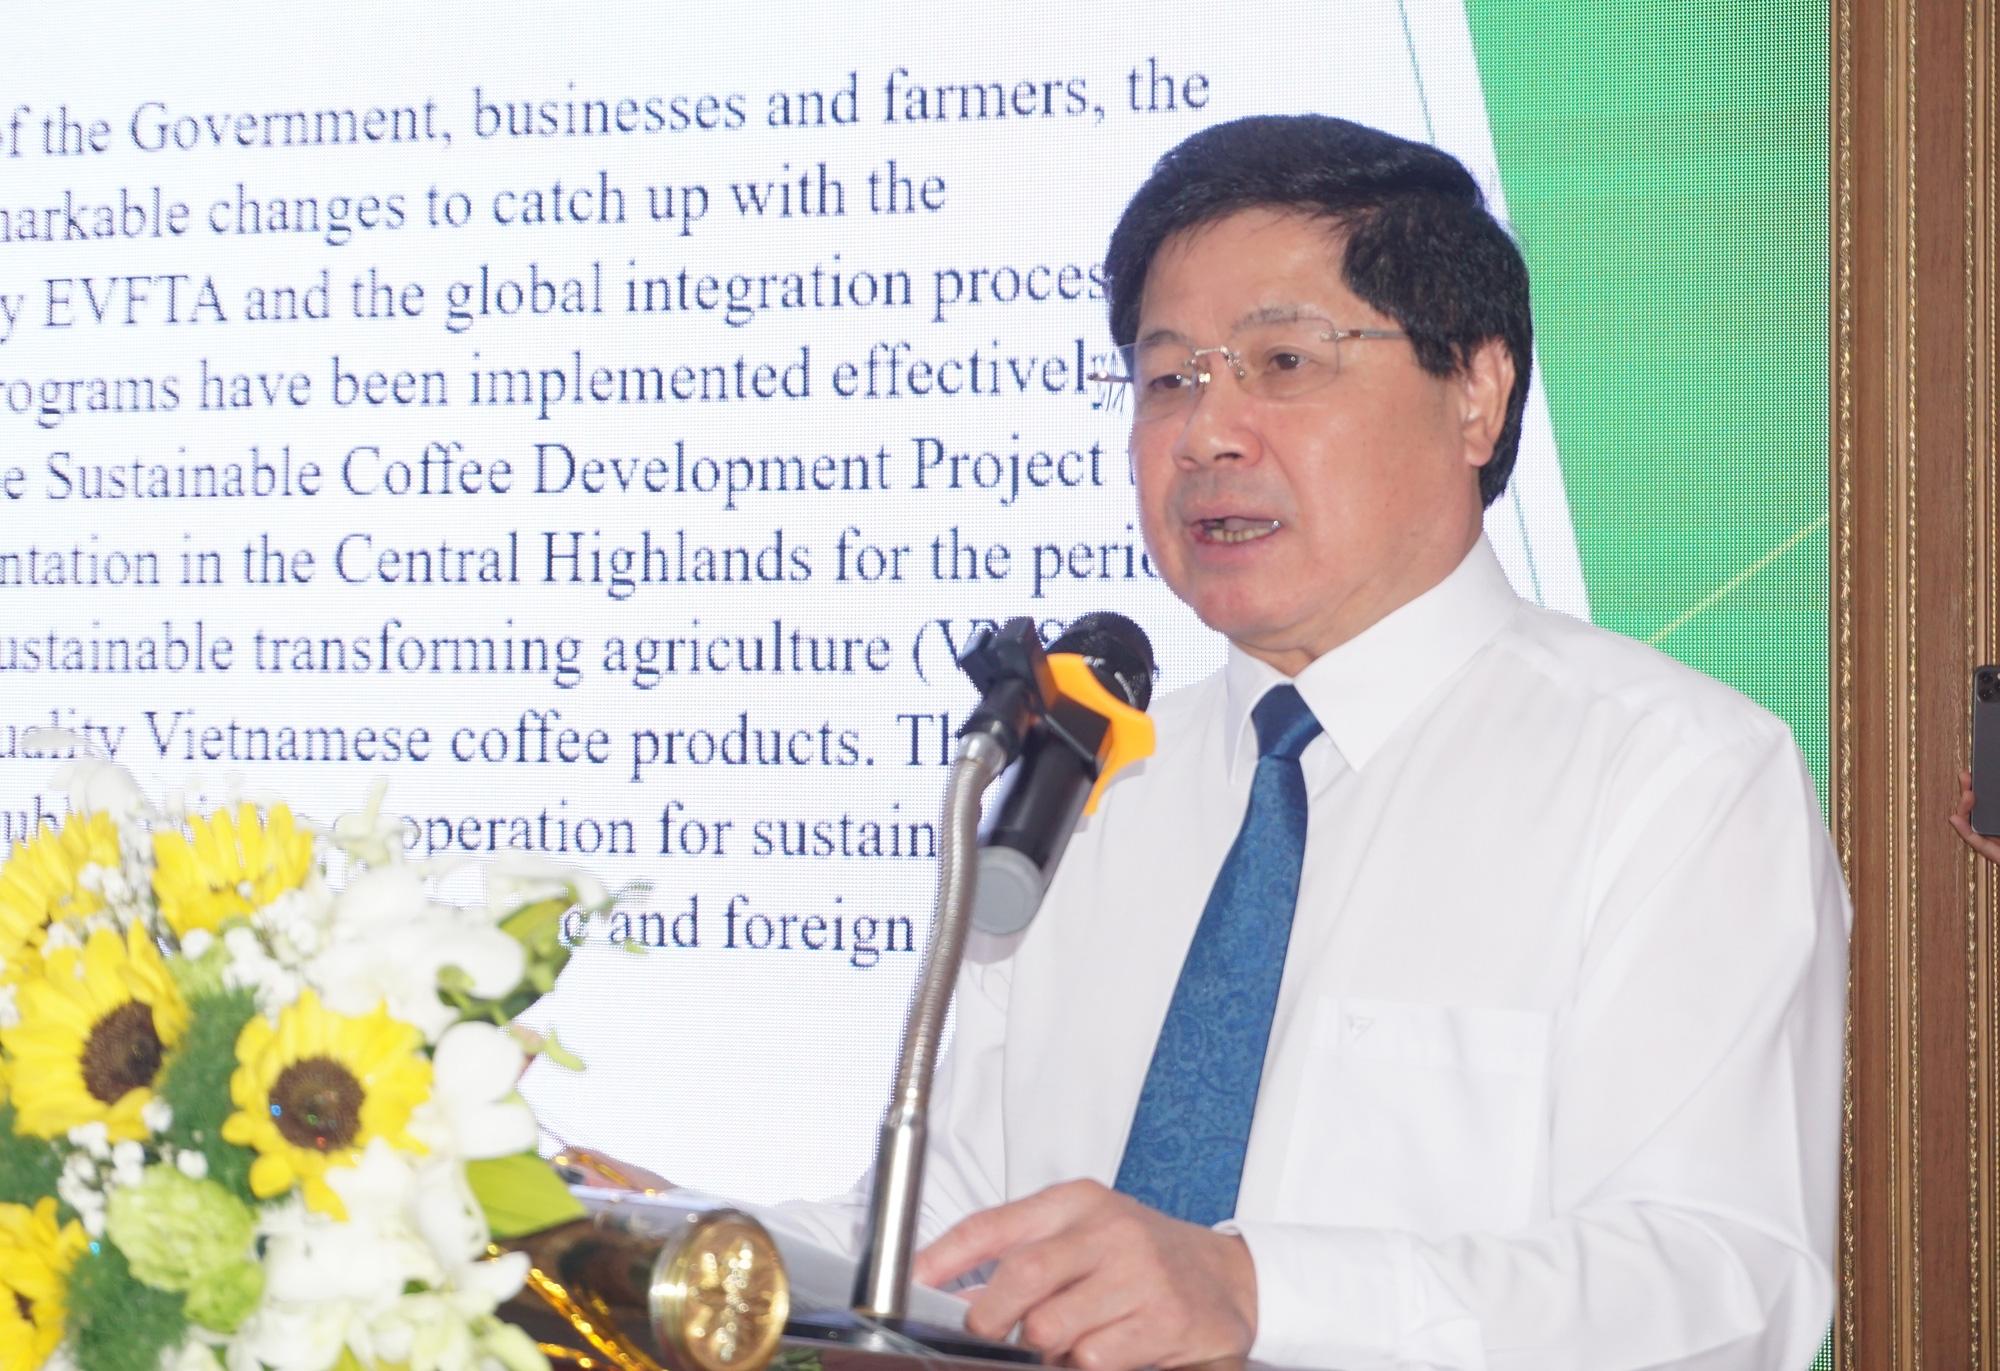 EVFTA: Cơ hội tăng mạnh về lượng và chất cho ngành hàng cà phê - Ảnh 3.